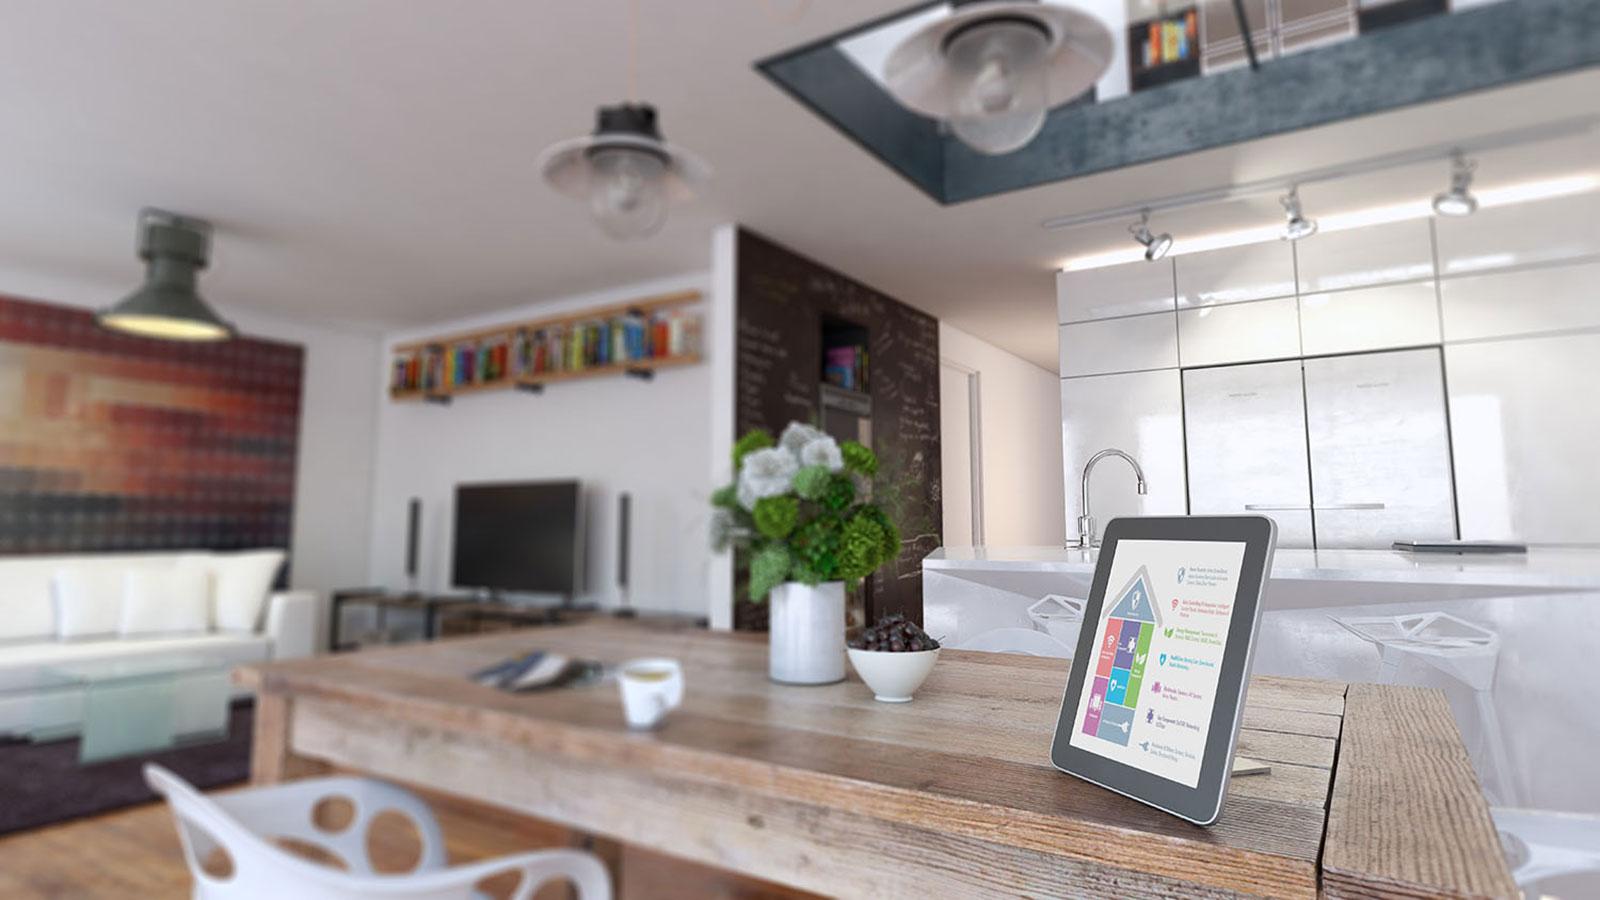 信息无缝流转的全场景套系家电,成智能家居的发展分水岭